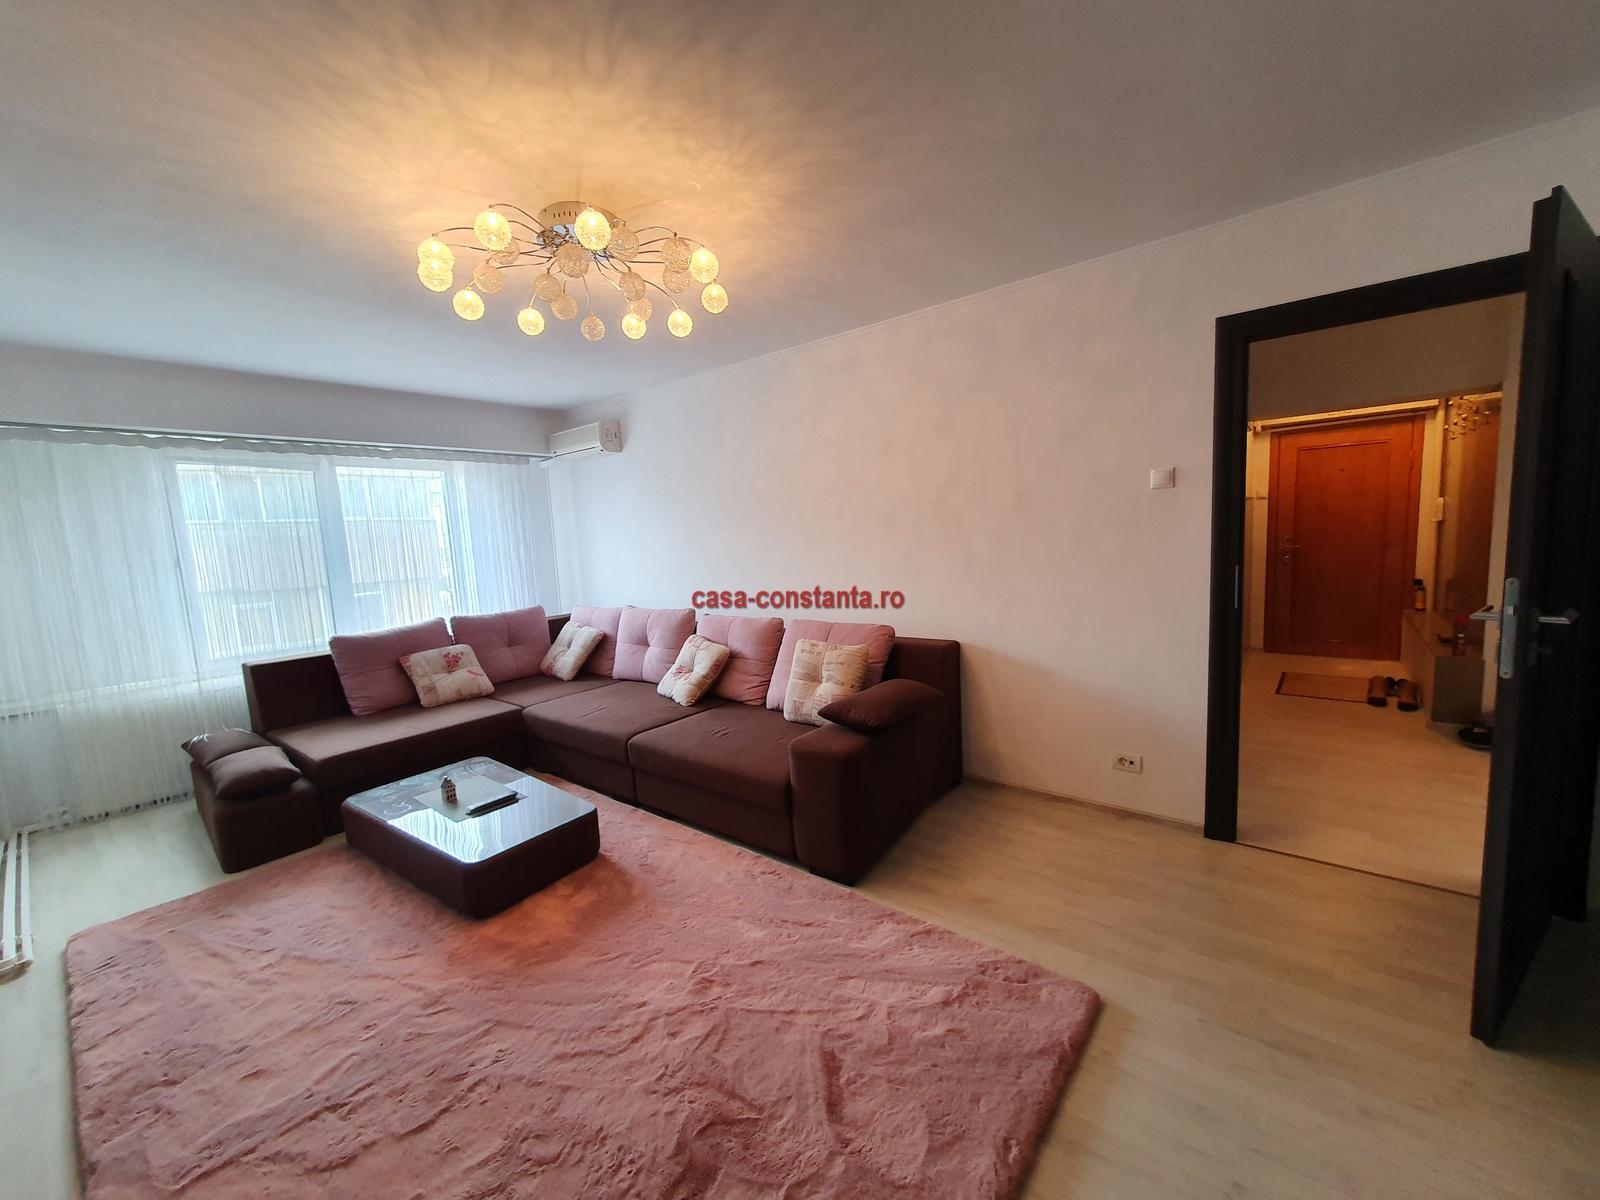 Inchiriere Apartament 3 camere Constanta Dacia numar camere 3  pret 500  EUR